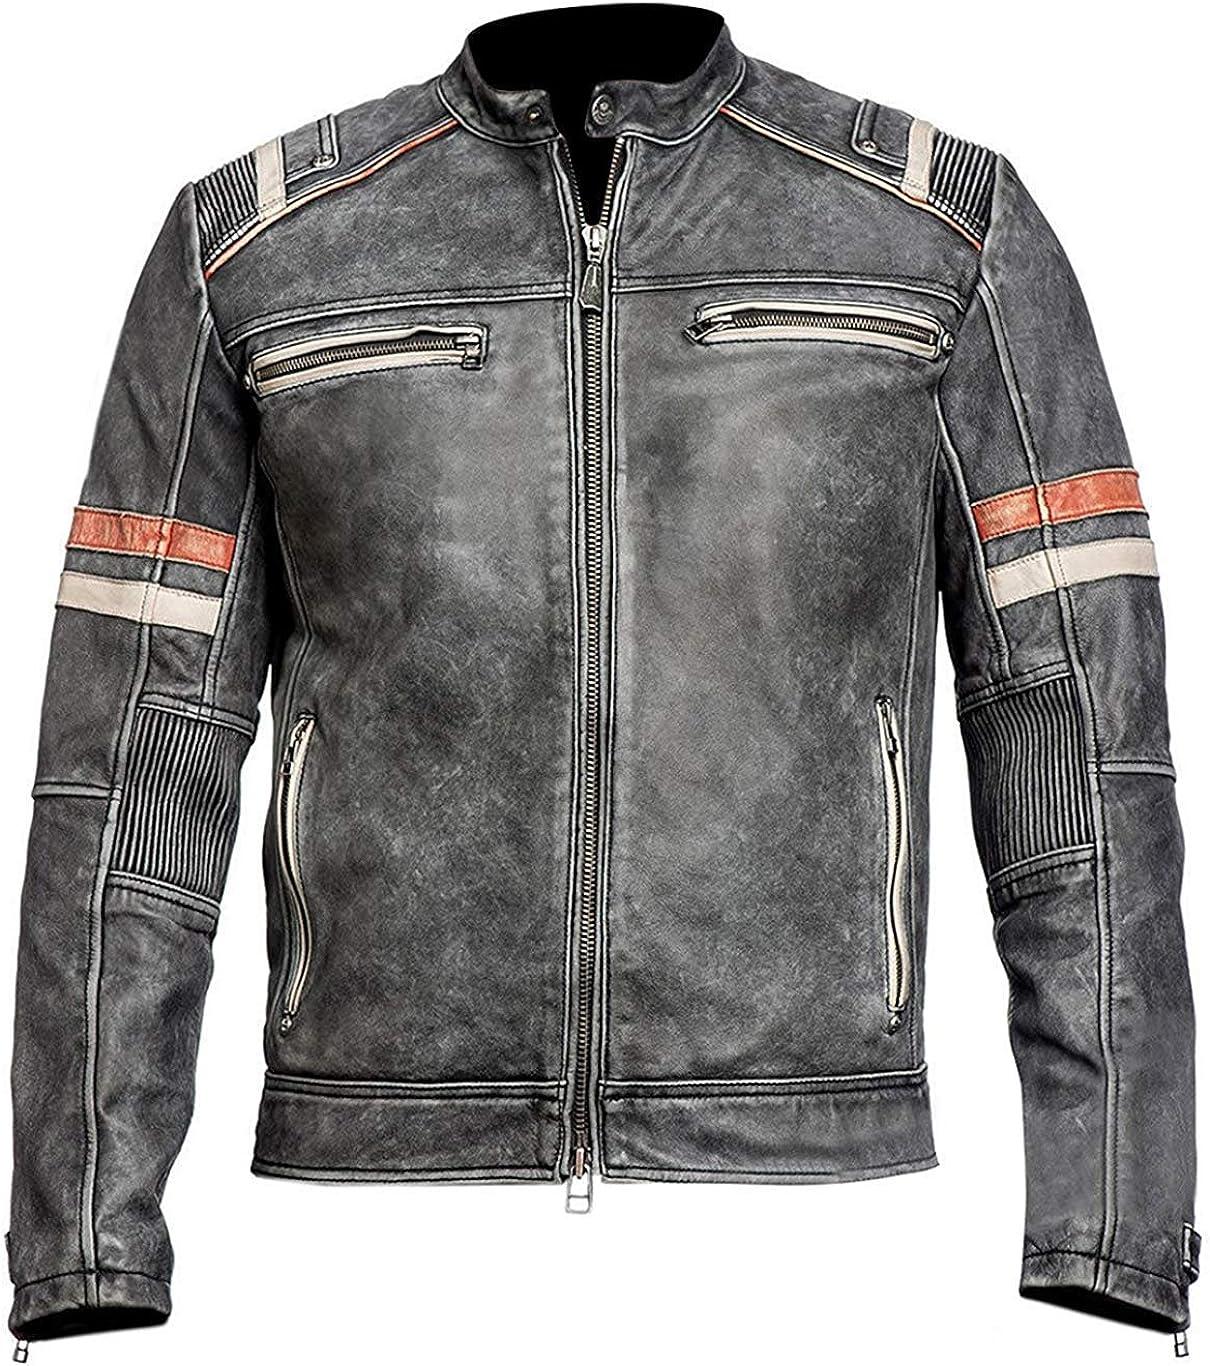 Men's Retro Biker Vintage Cafe Racer Motorcycle Distressed Black Leather Jacket